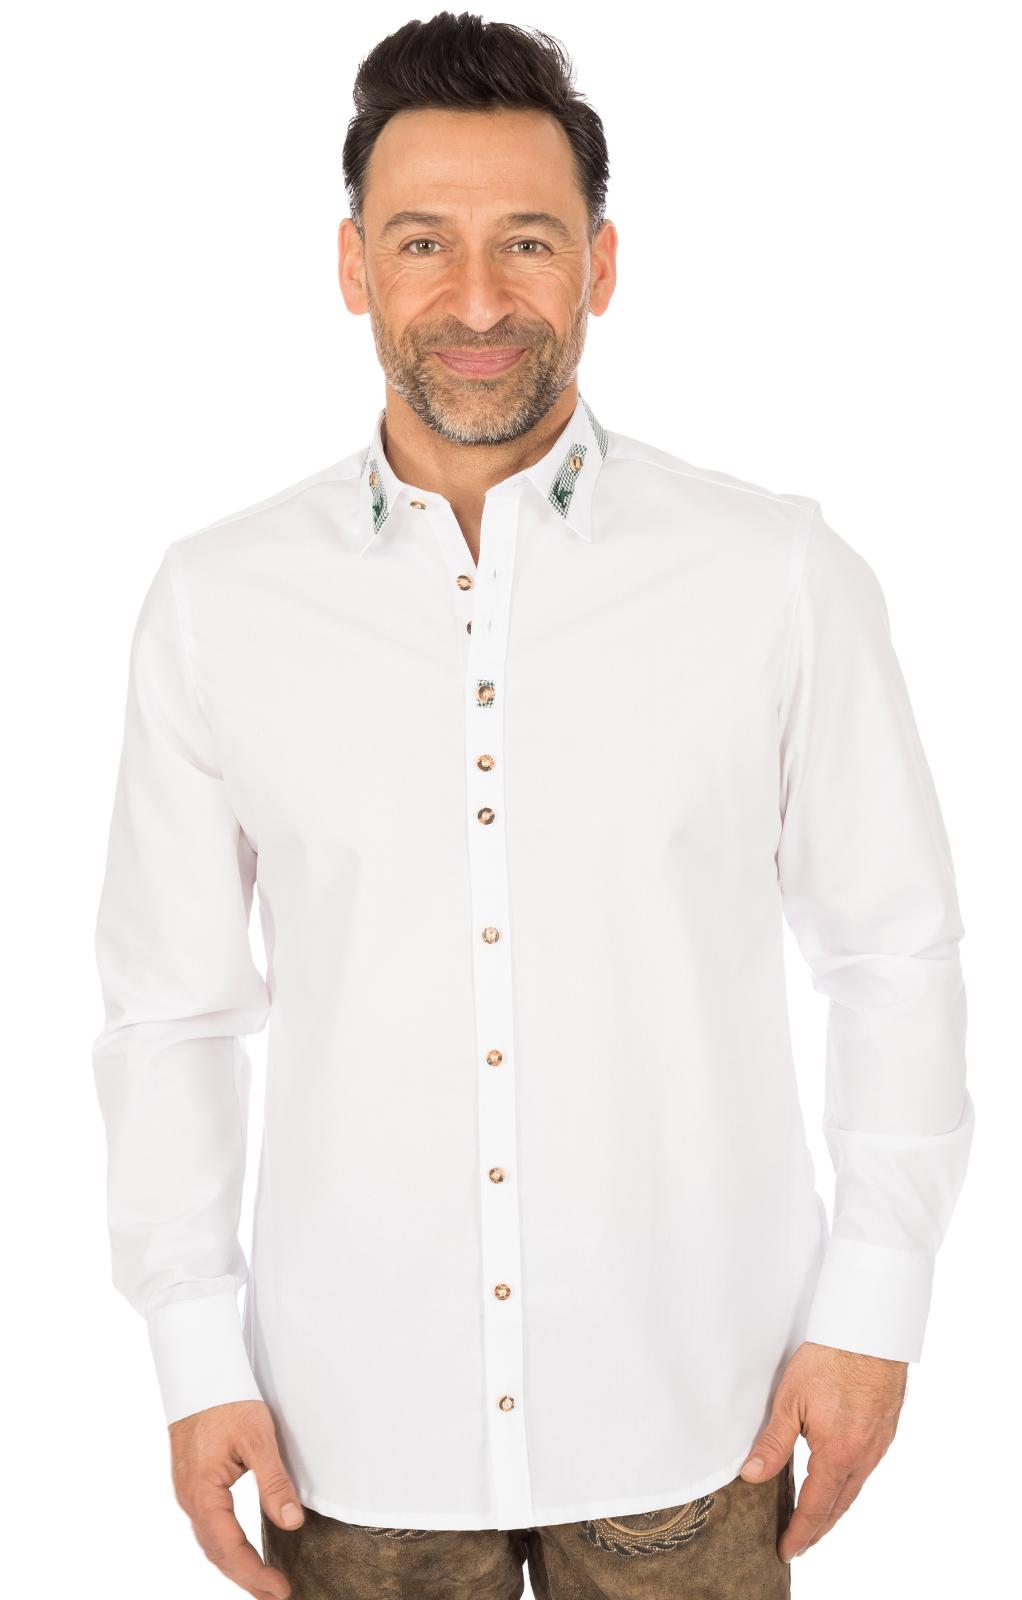 German traditional shirt CLASSICO white von OS-Trachten